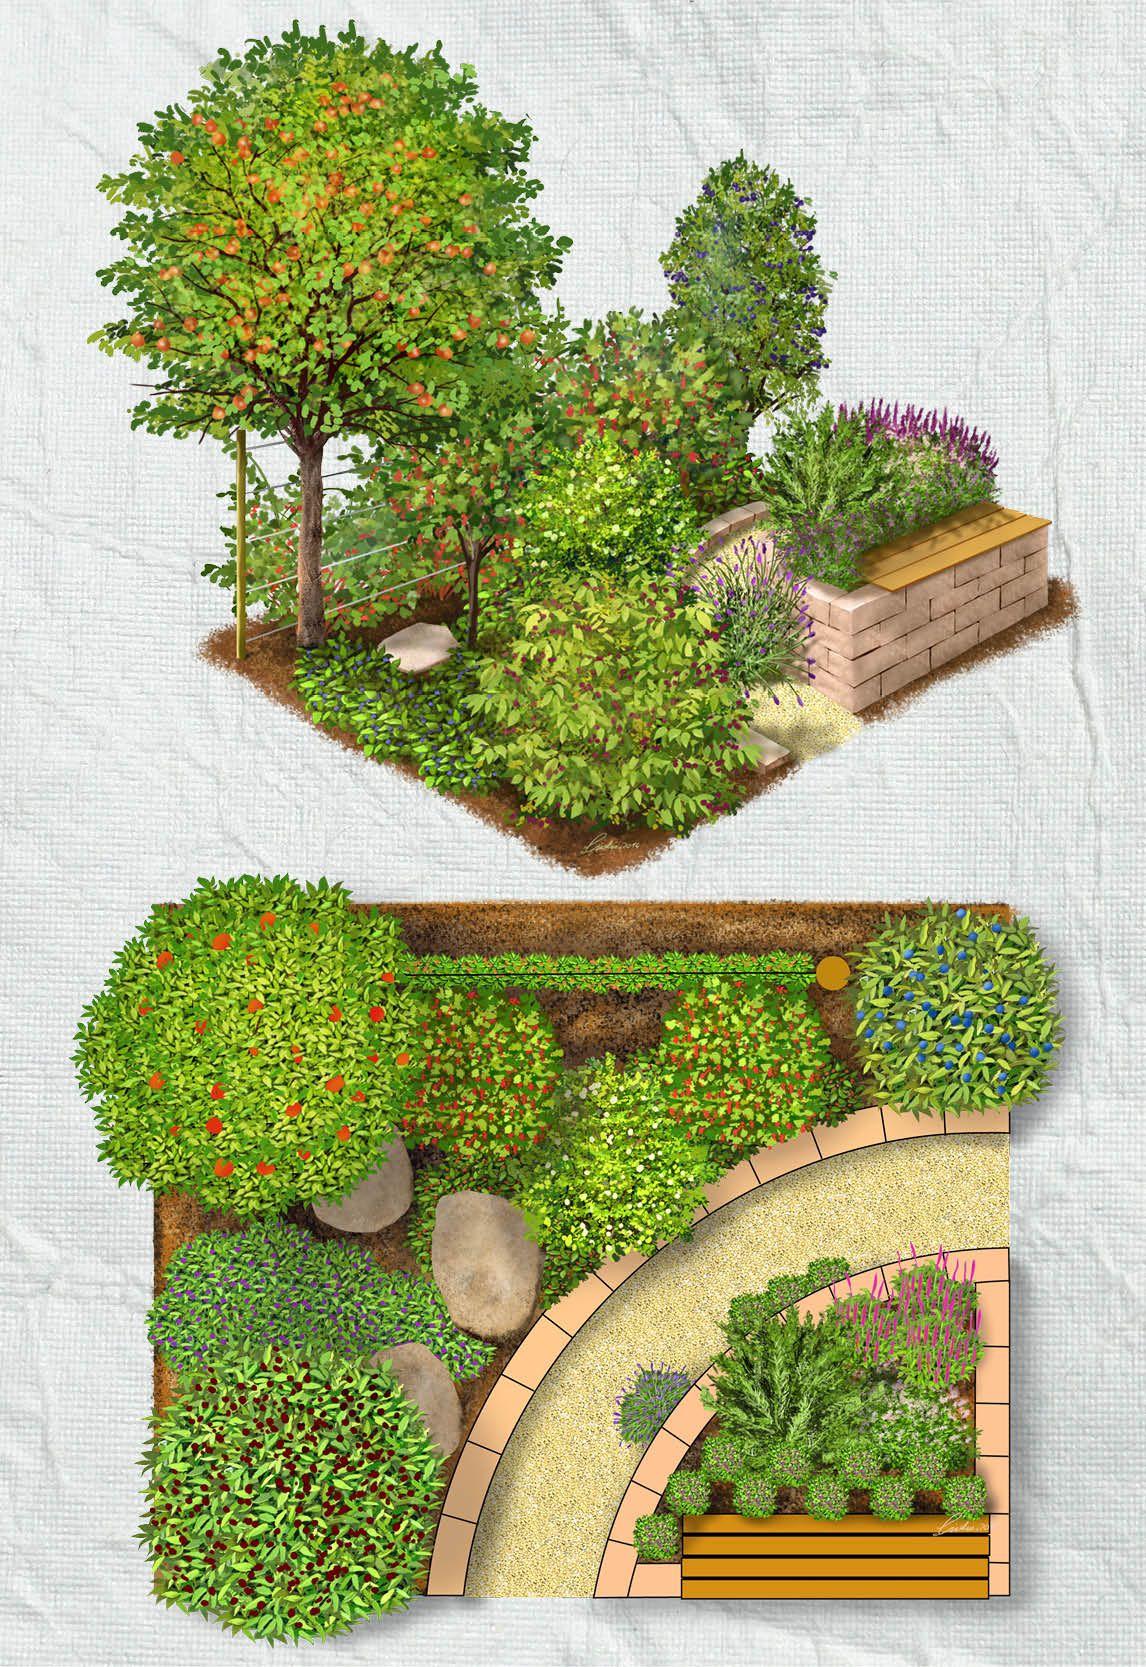 Beet Ganz Einfach Anlegen Gestalten Obi Gartenplaner Krautergarten Design Garten Design Plane Garten Grundriss